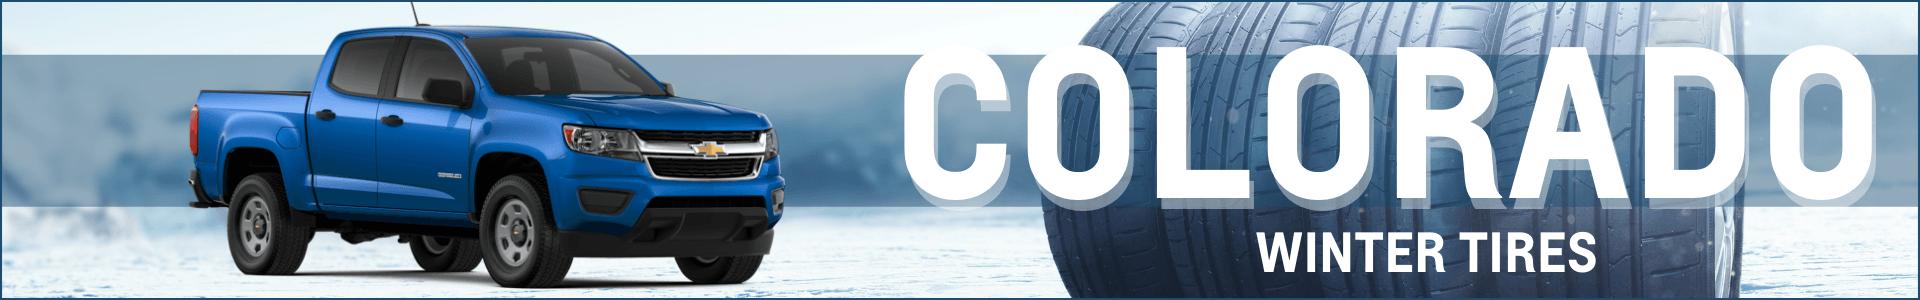 Colorado Winter Tire deals in Oshawa